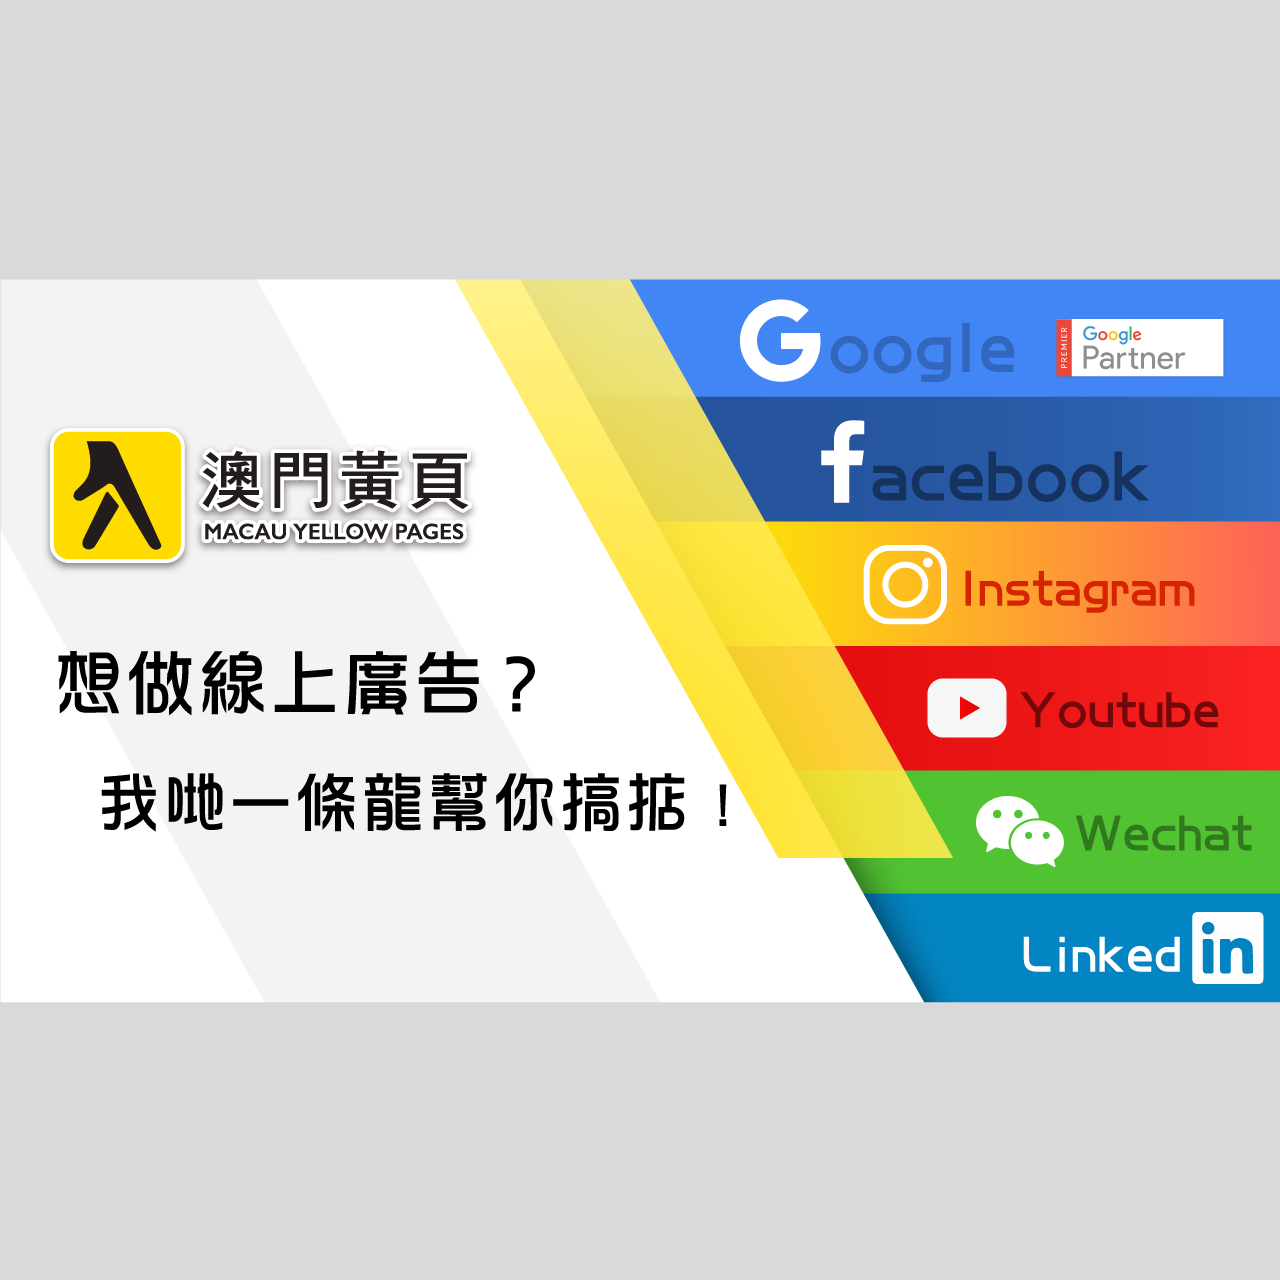 澳門黃頁線上廣告-SQ3